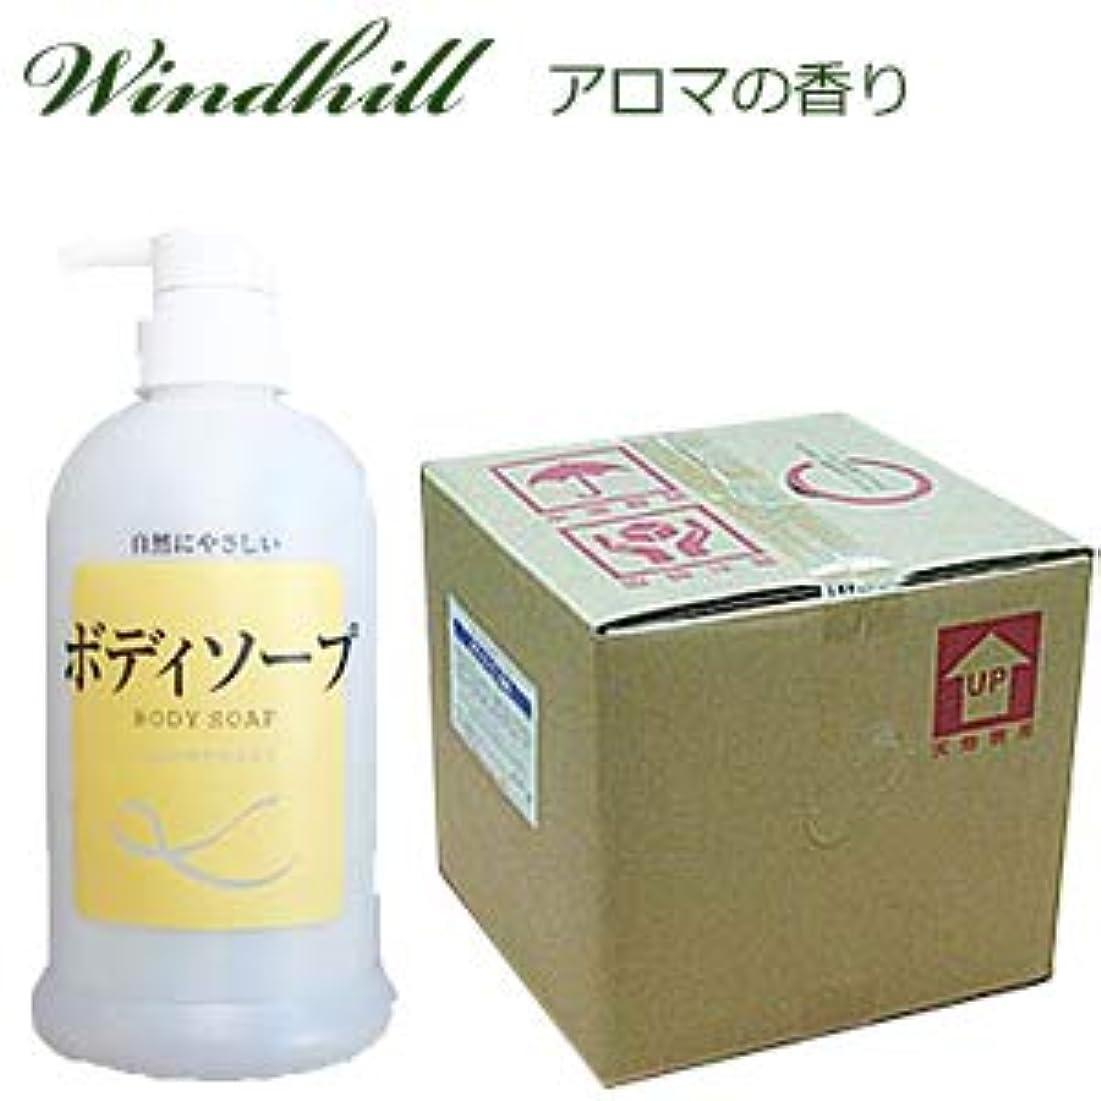 コカインワームうなずくなんと! 500ml当り188円 Windhill 植物性業務用 ボディソープ  紅茶を思うアロマの香り 20L